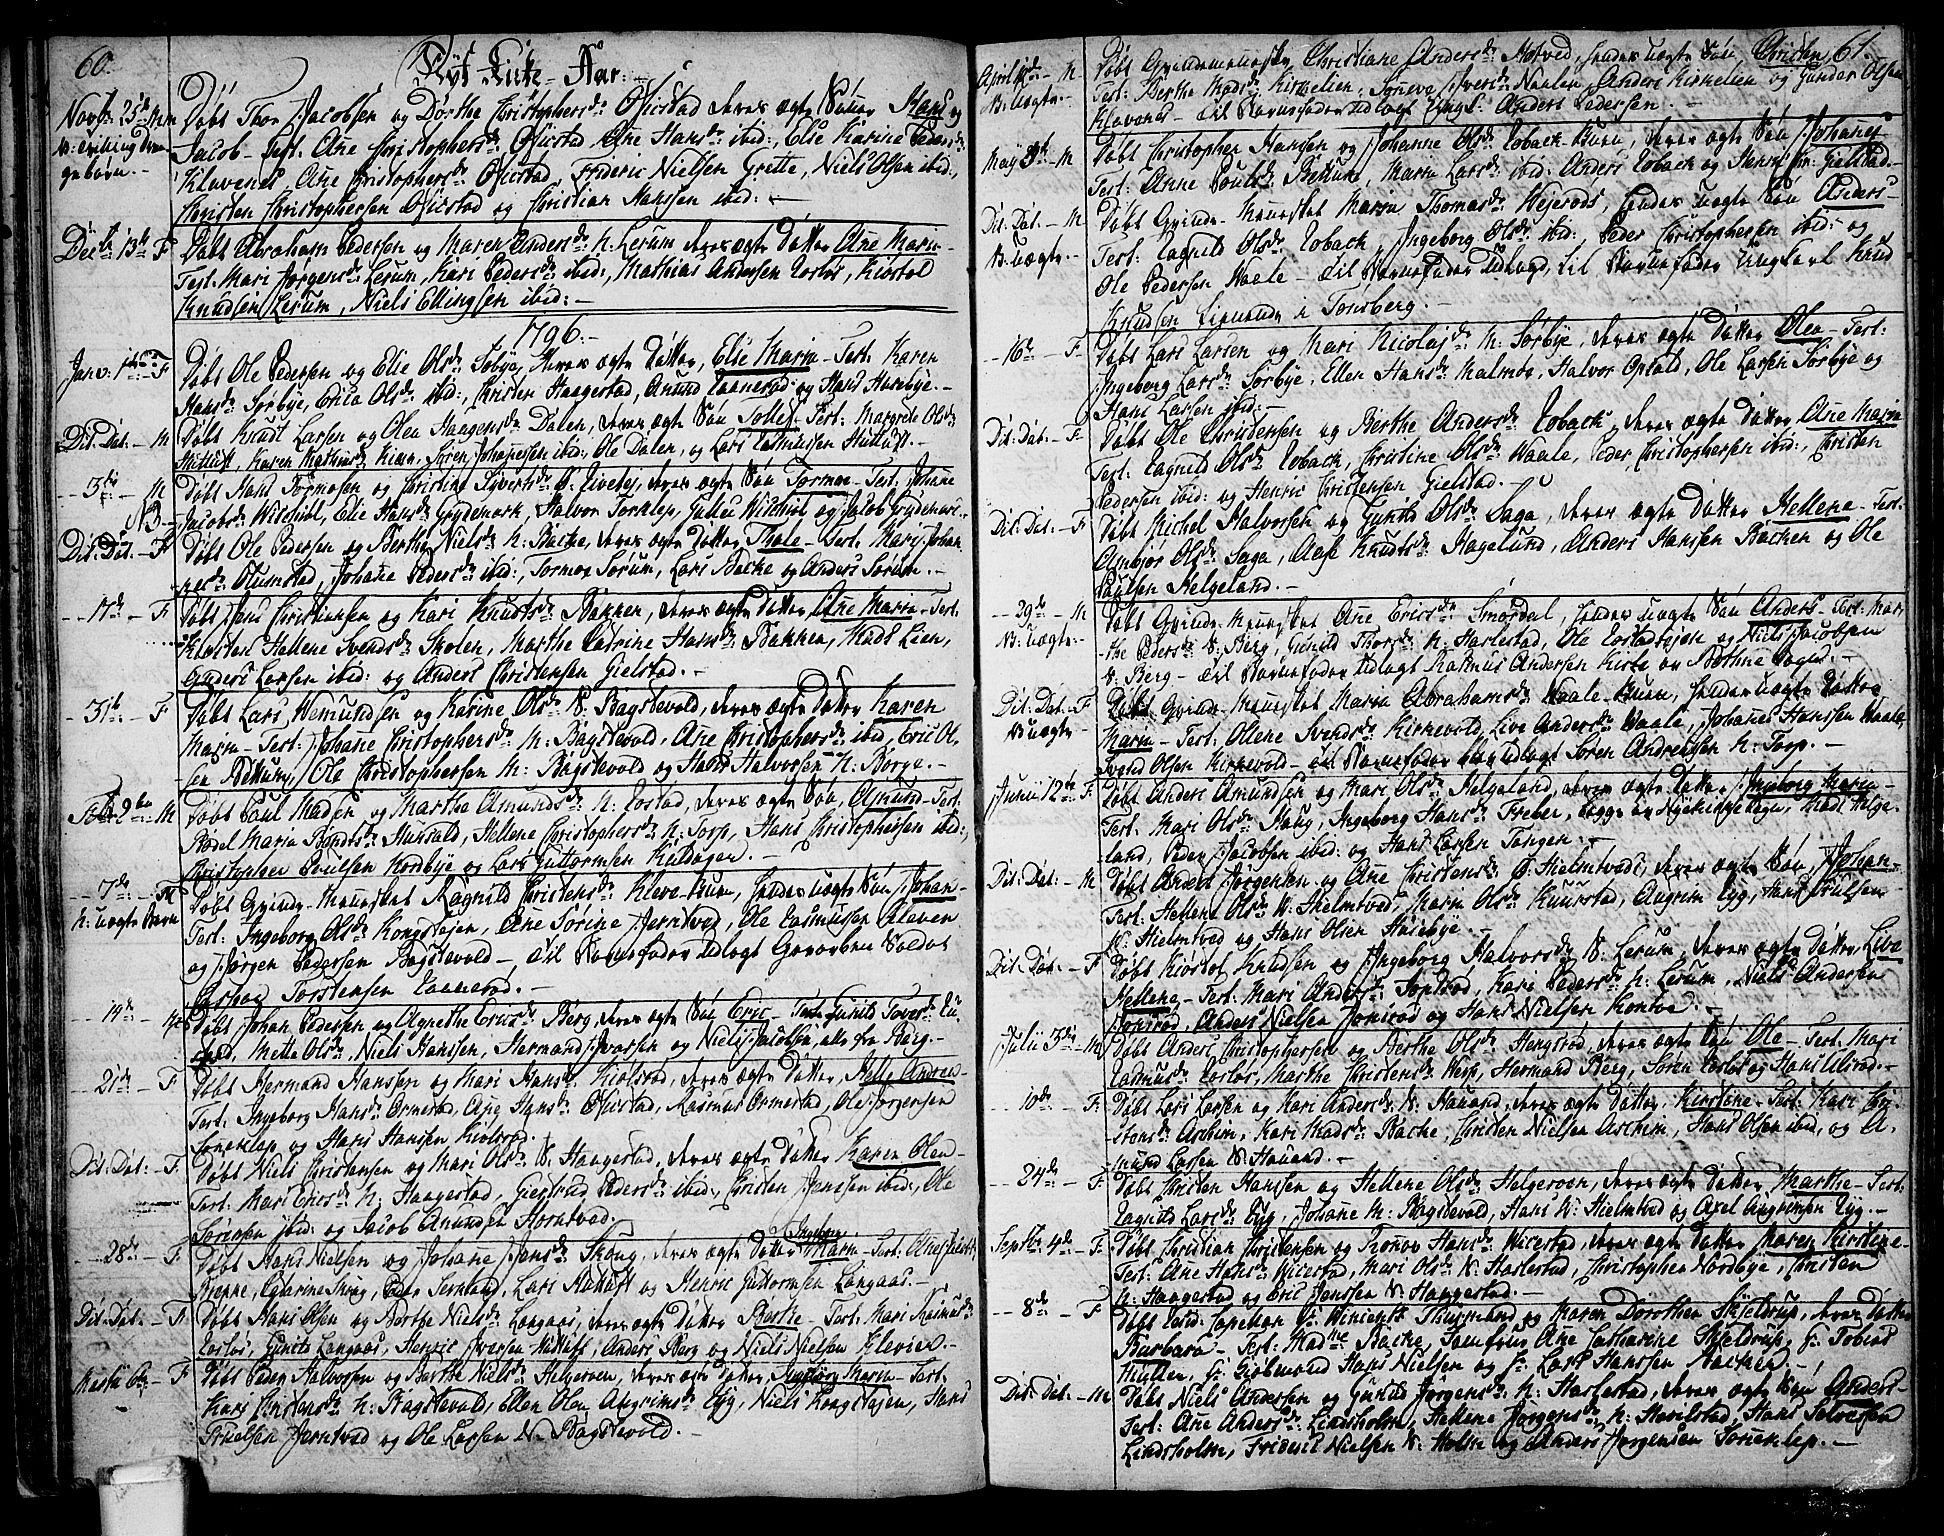 SAKO, Våle kirkebøker, F/Fa/L0005: Ministerialbok nr. I 5, 1773-1808, s. 60-61